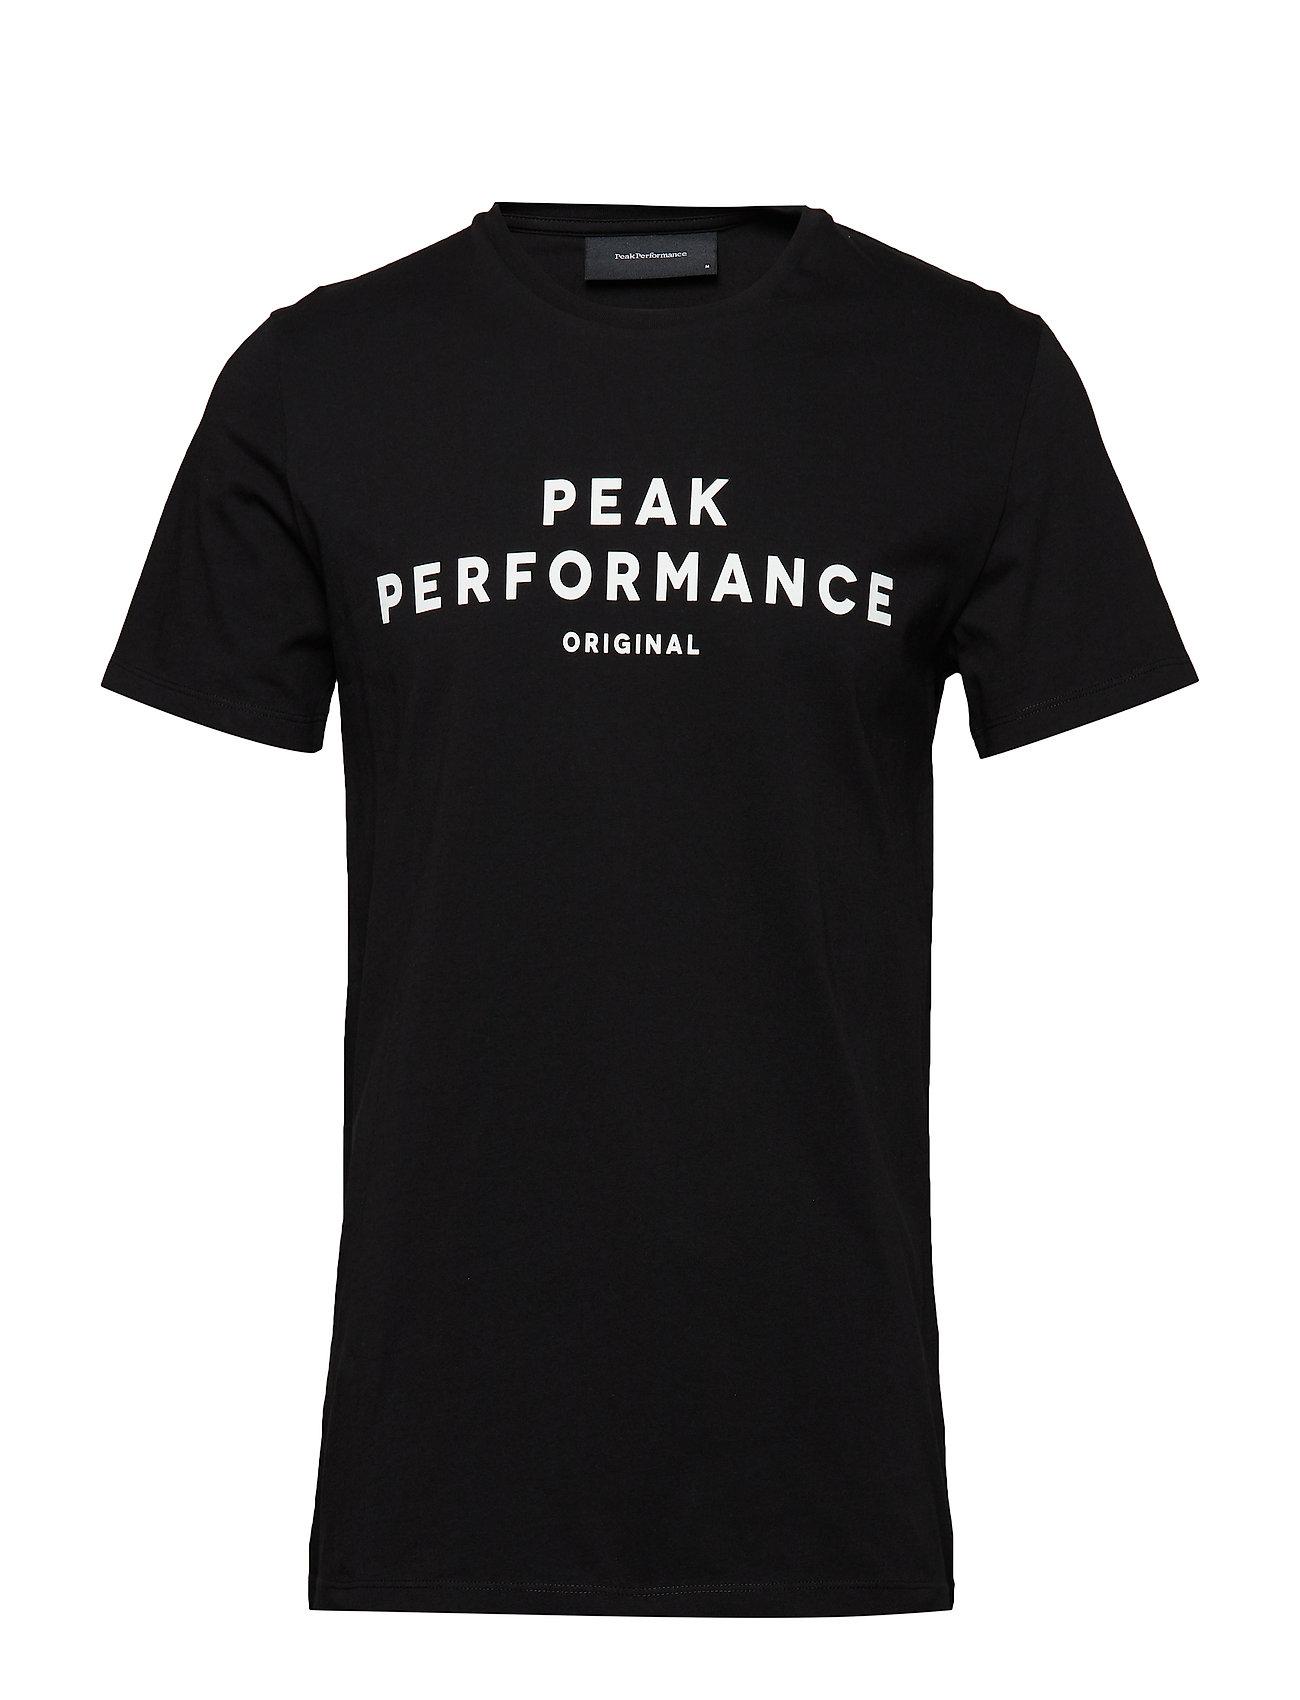 Peak Performance ORIGI TEE - BLACK